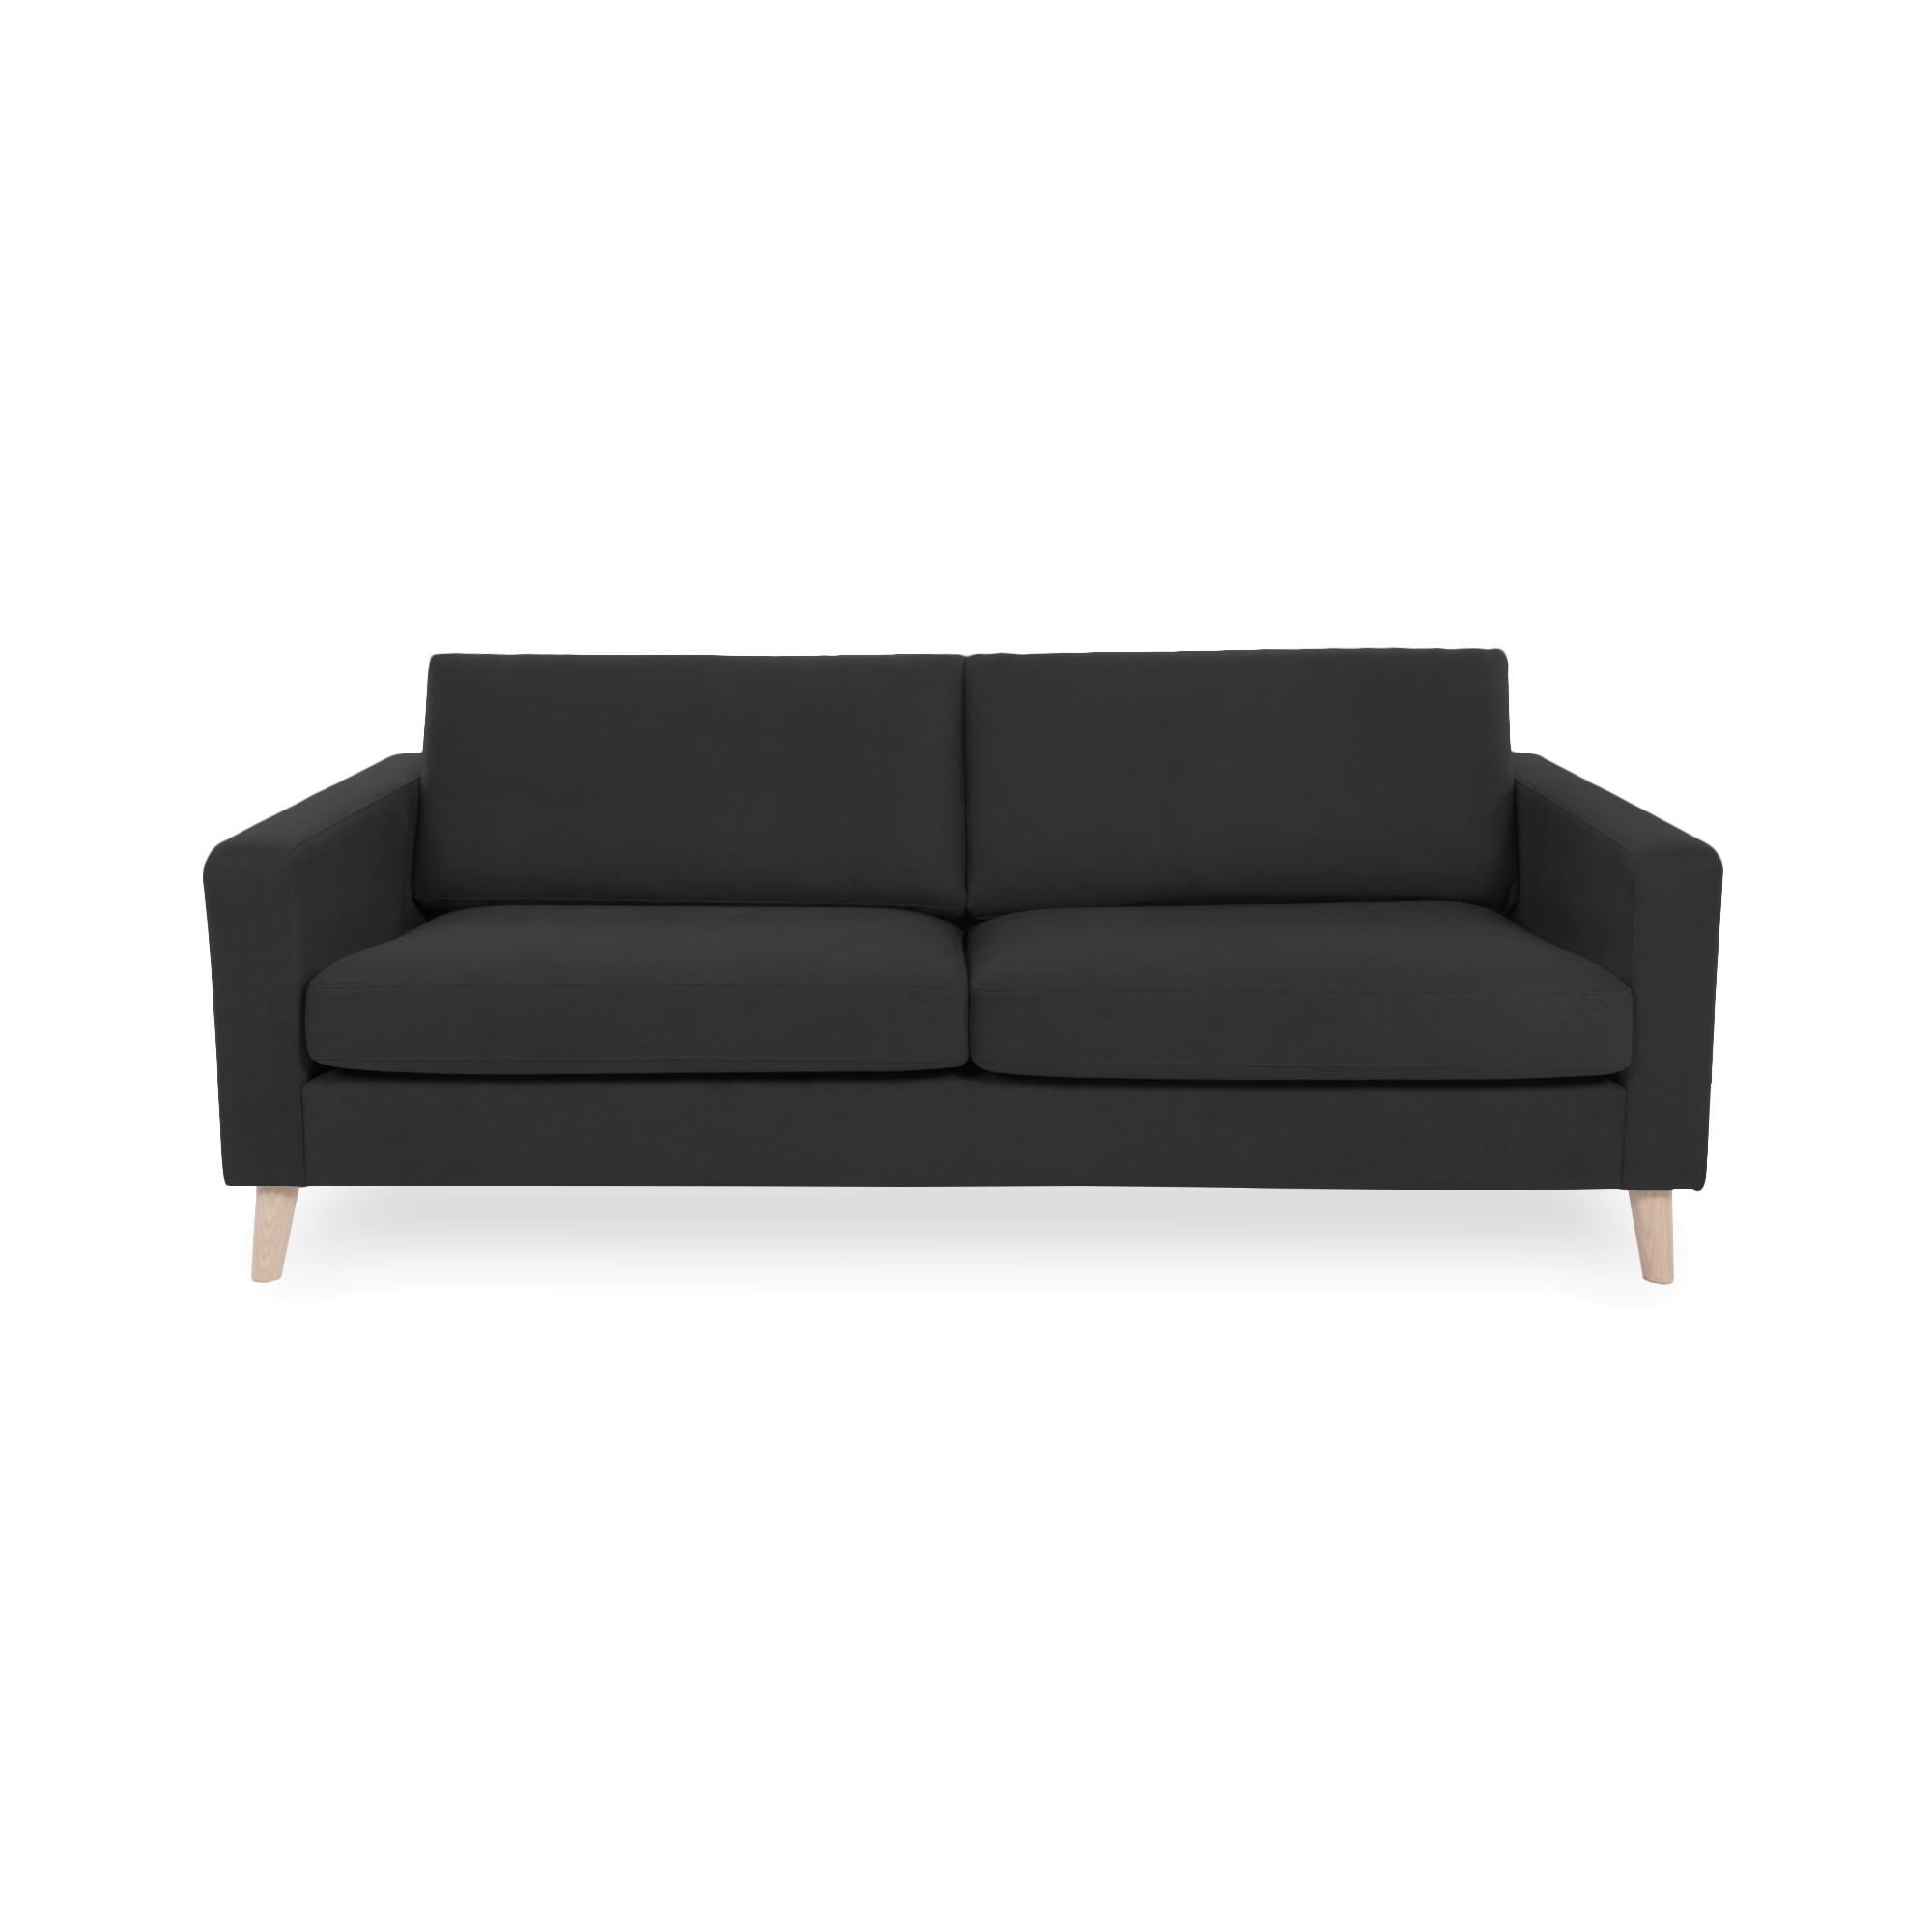 Canapea Fixa 3 locuri Tom Antracit/Natural